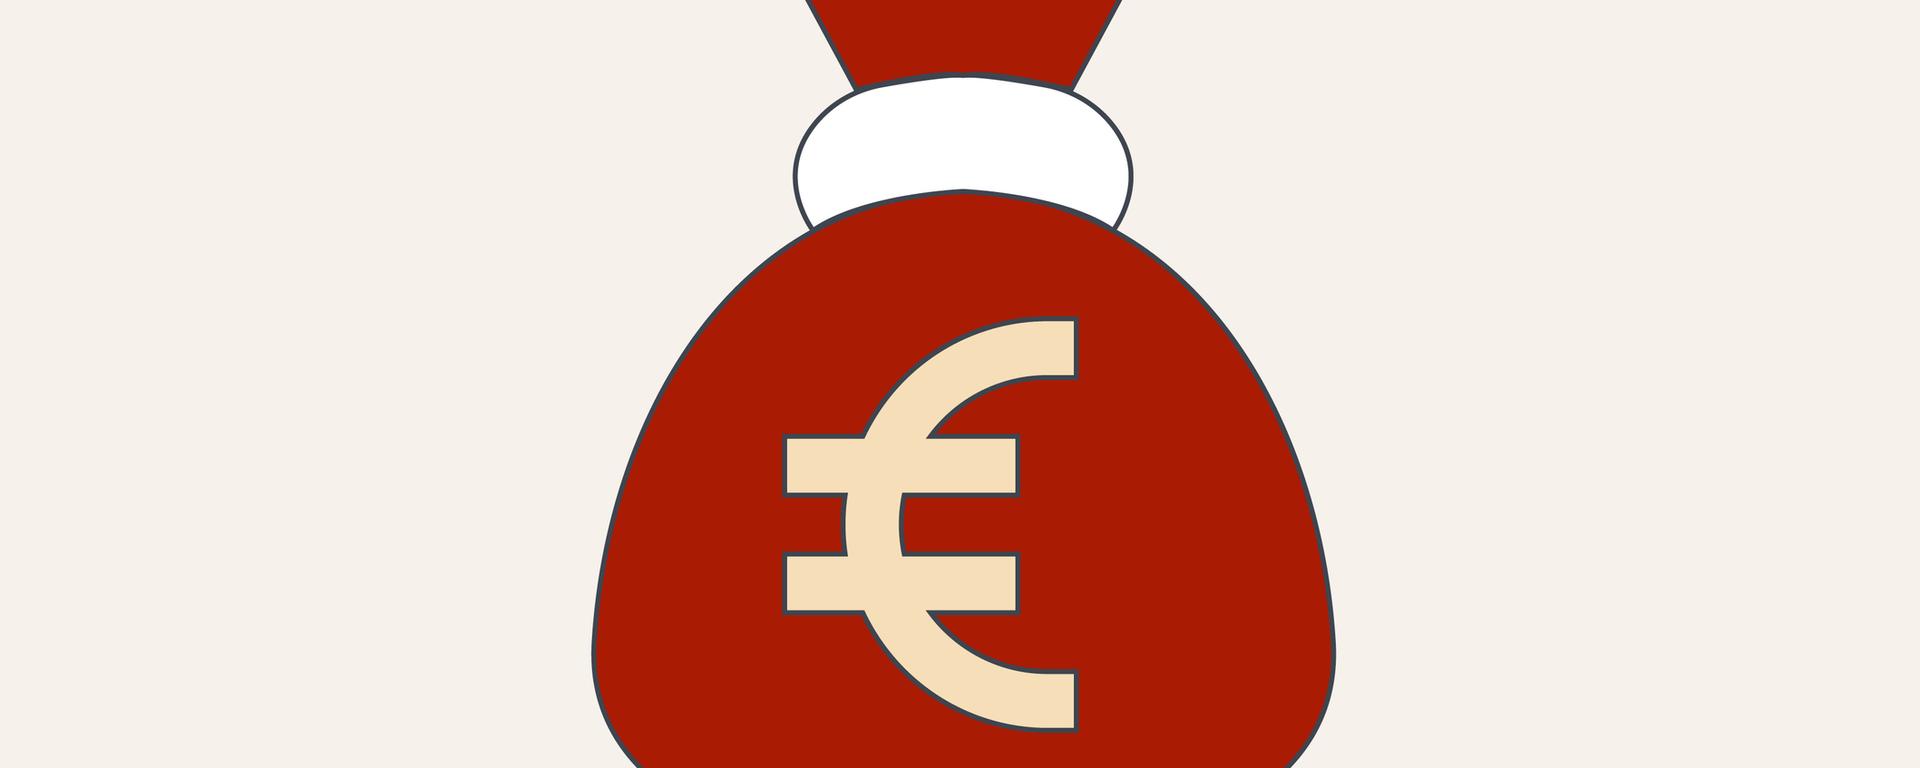 Кому не надо платить обязательный минимум соцвзносов - Sputnik Латвия, 1920, 01.07.2021